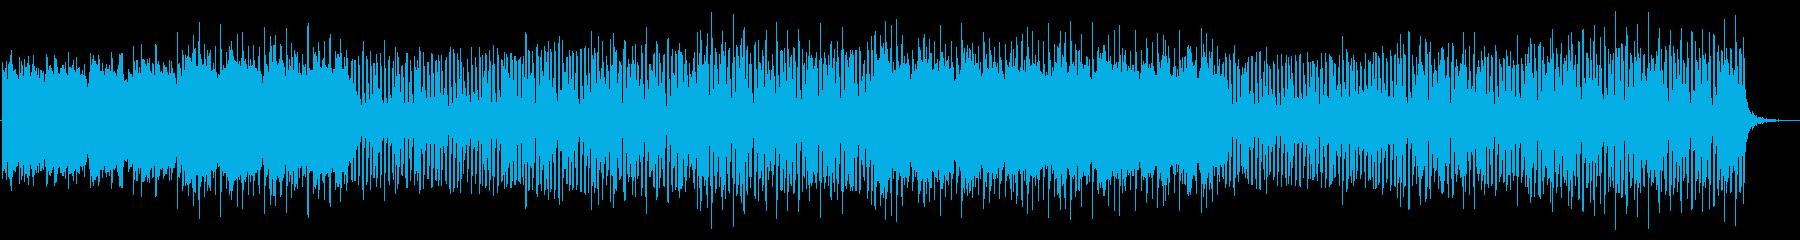 夏のゆったりお洒落なトロピカルハウスの再生済みの波形